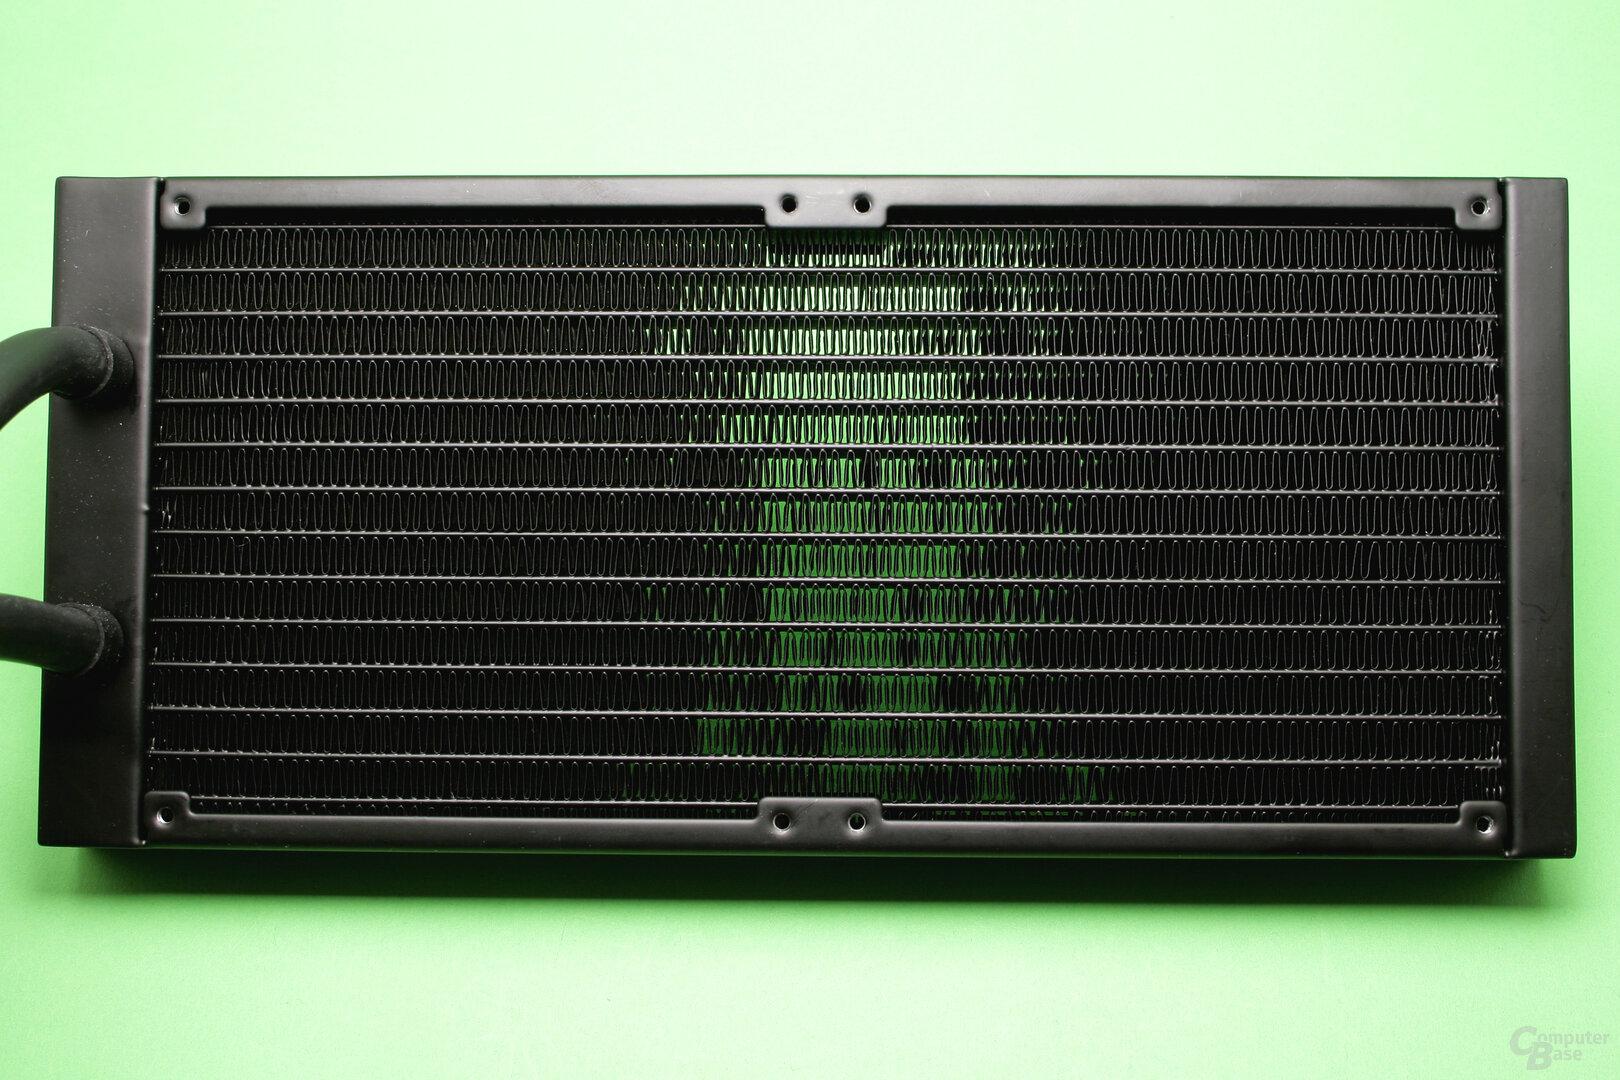 SilentiumPC Navis 280 RGB: Detailaufnahme des Radiators